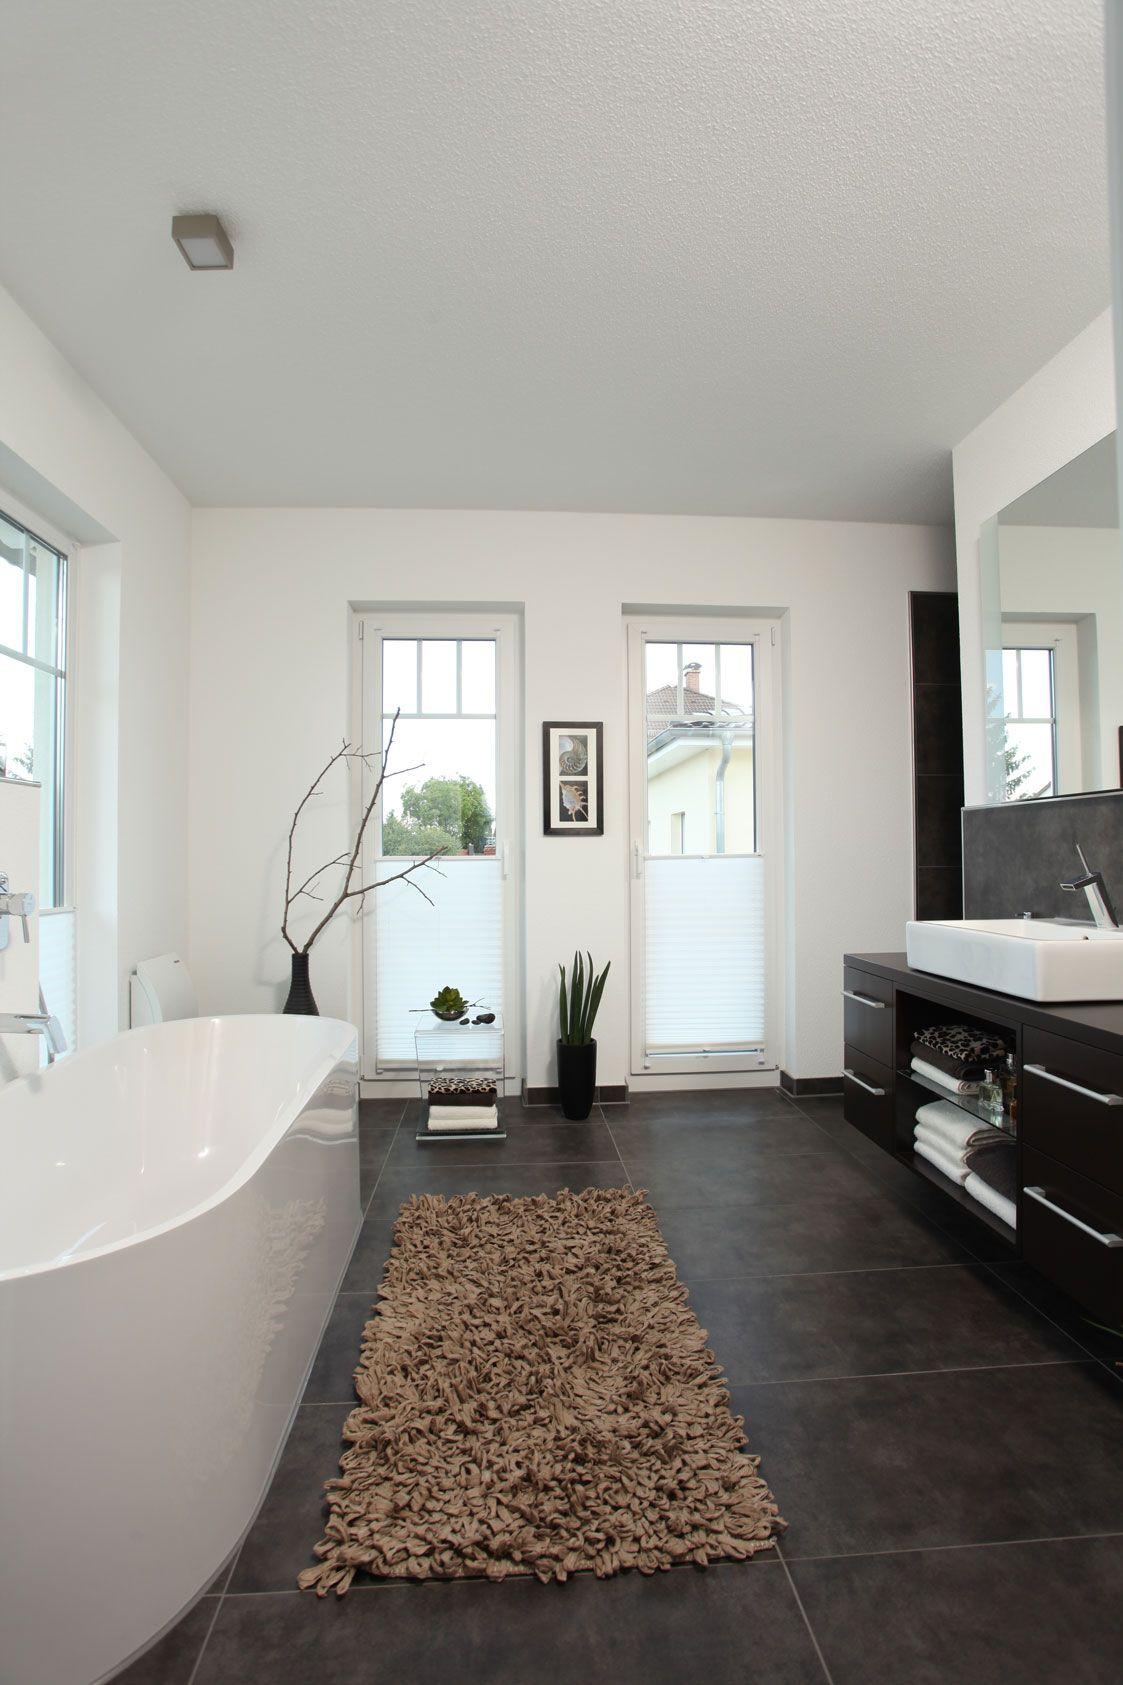 Moderne innenarchitektur badezimmer  Badezimmer mit freistehender Badewanne | Stadtvilla - Markant ...